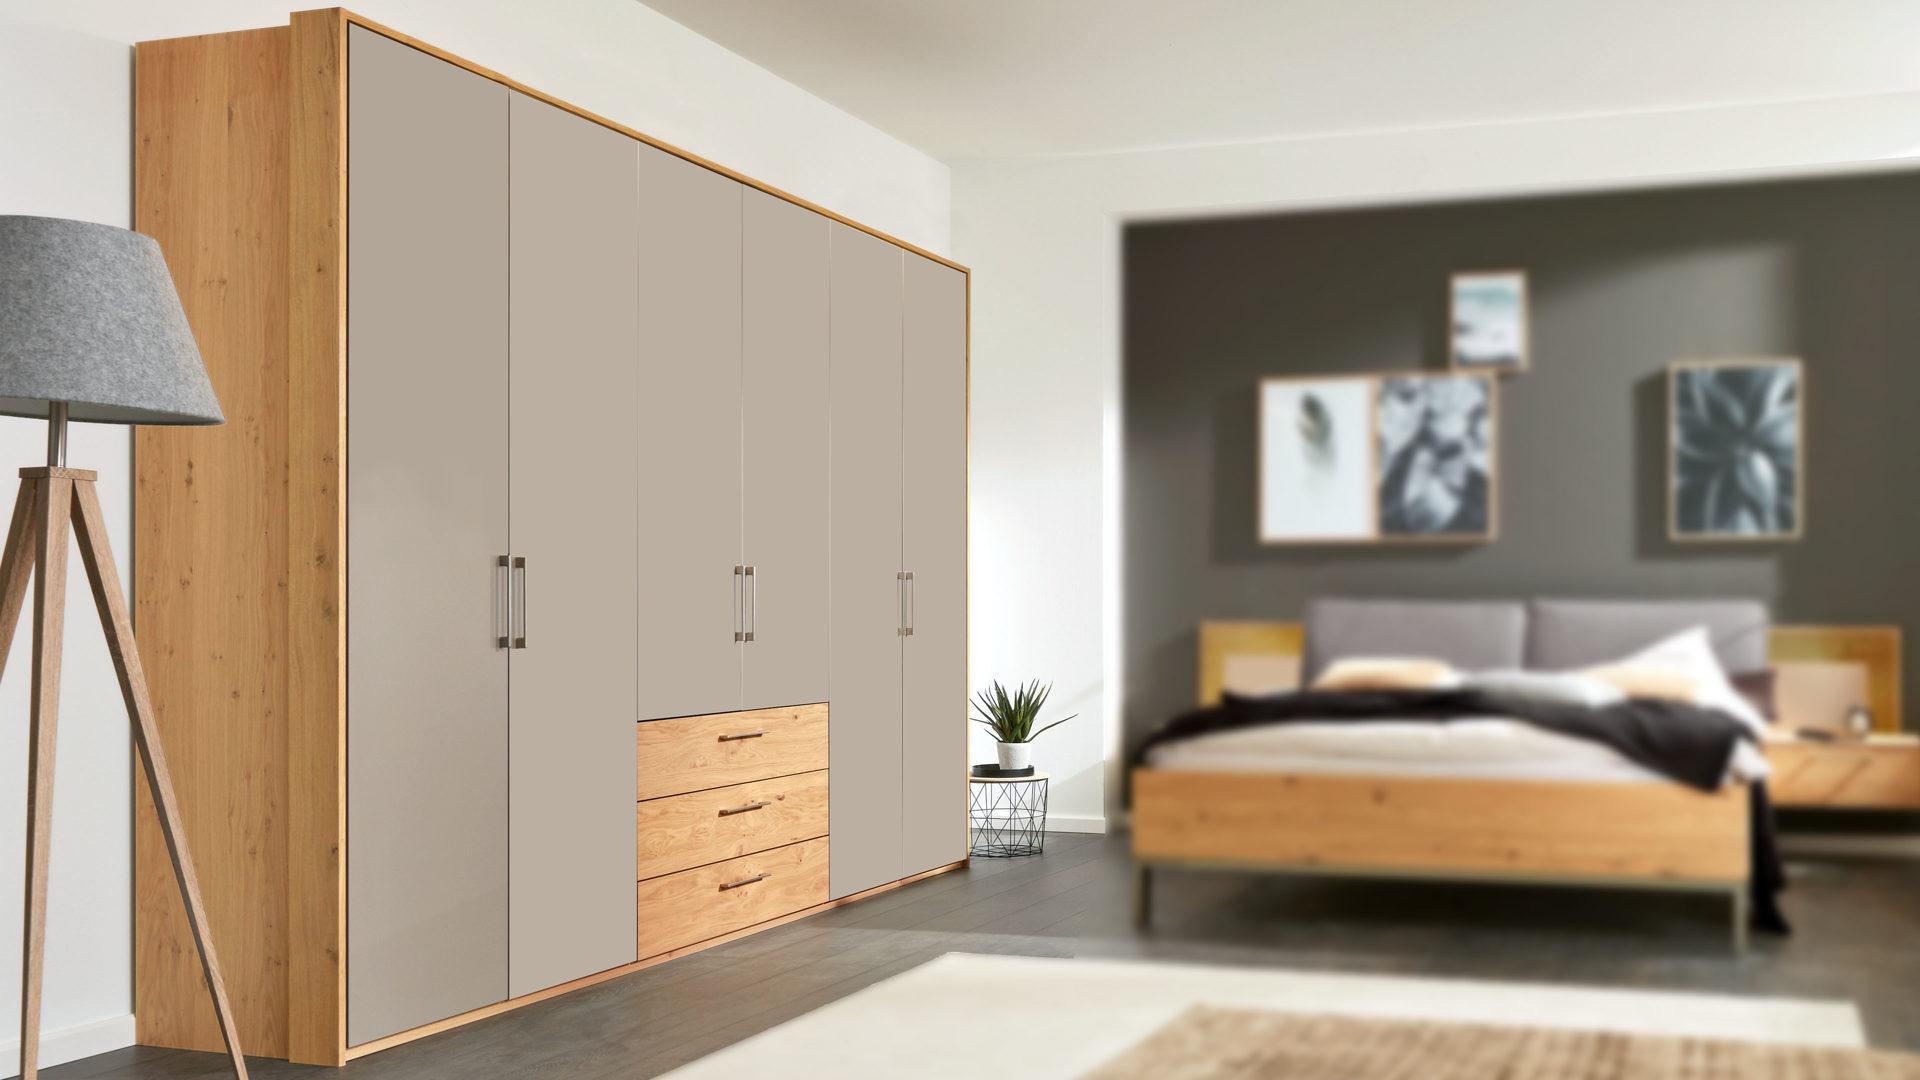 Interliving Schlafzimmer Serie 1008 – Kleiderschrank, matte taupefarbene  Lackoberflächen & Balkeneiche – sechs Türen, drei